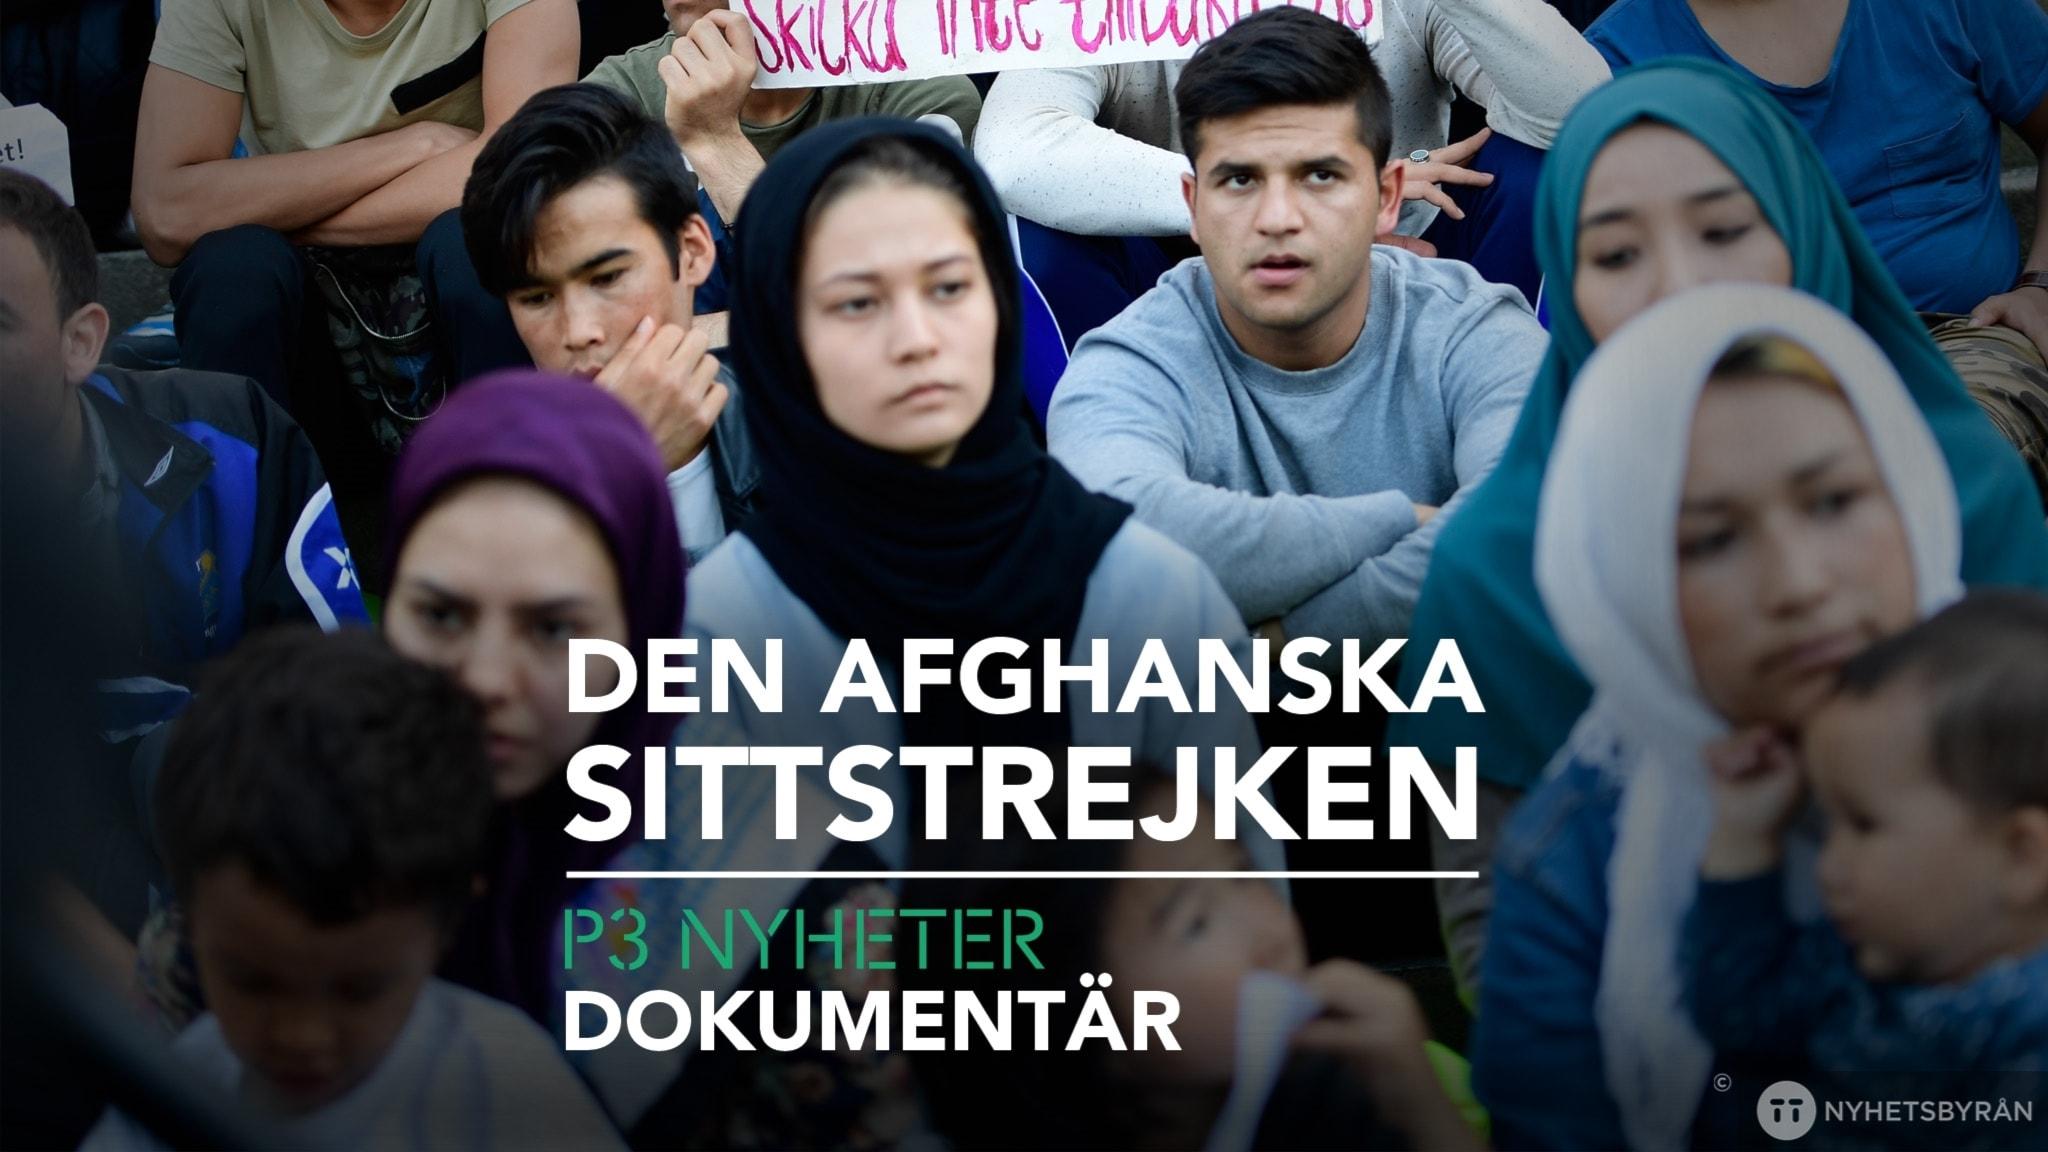 Den afghanska sittstrejken - P3 Nyheter Dokumentär